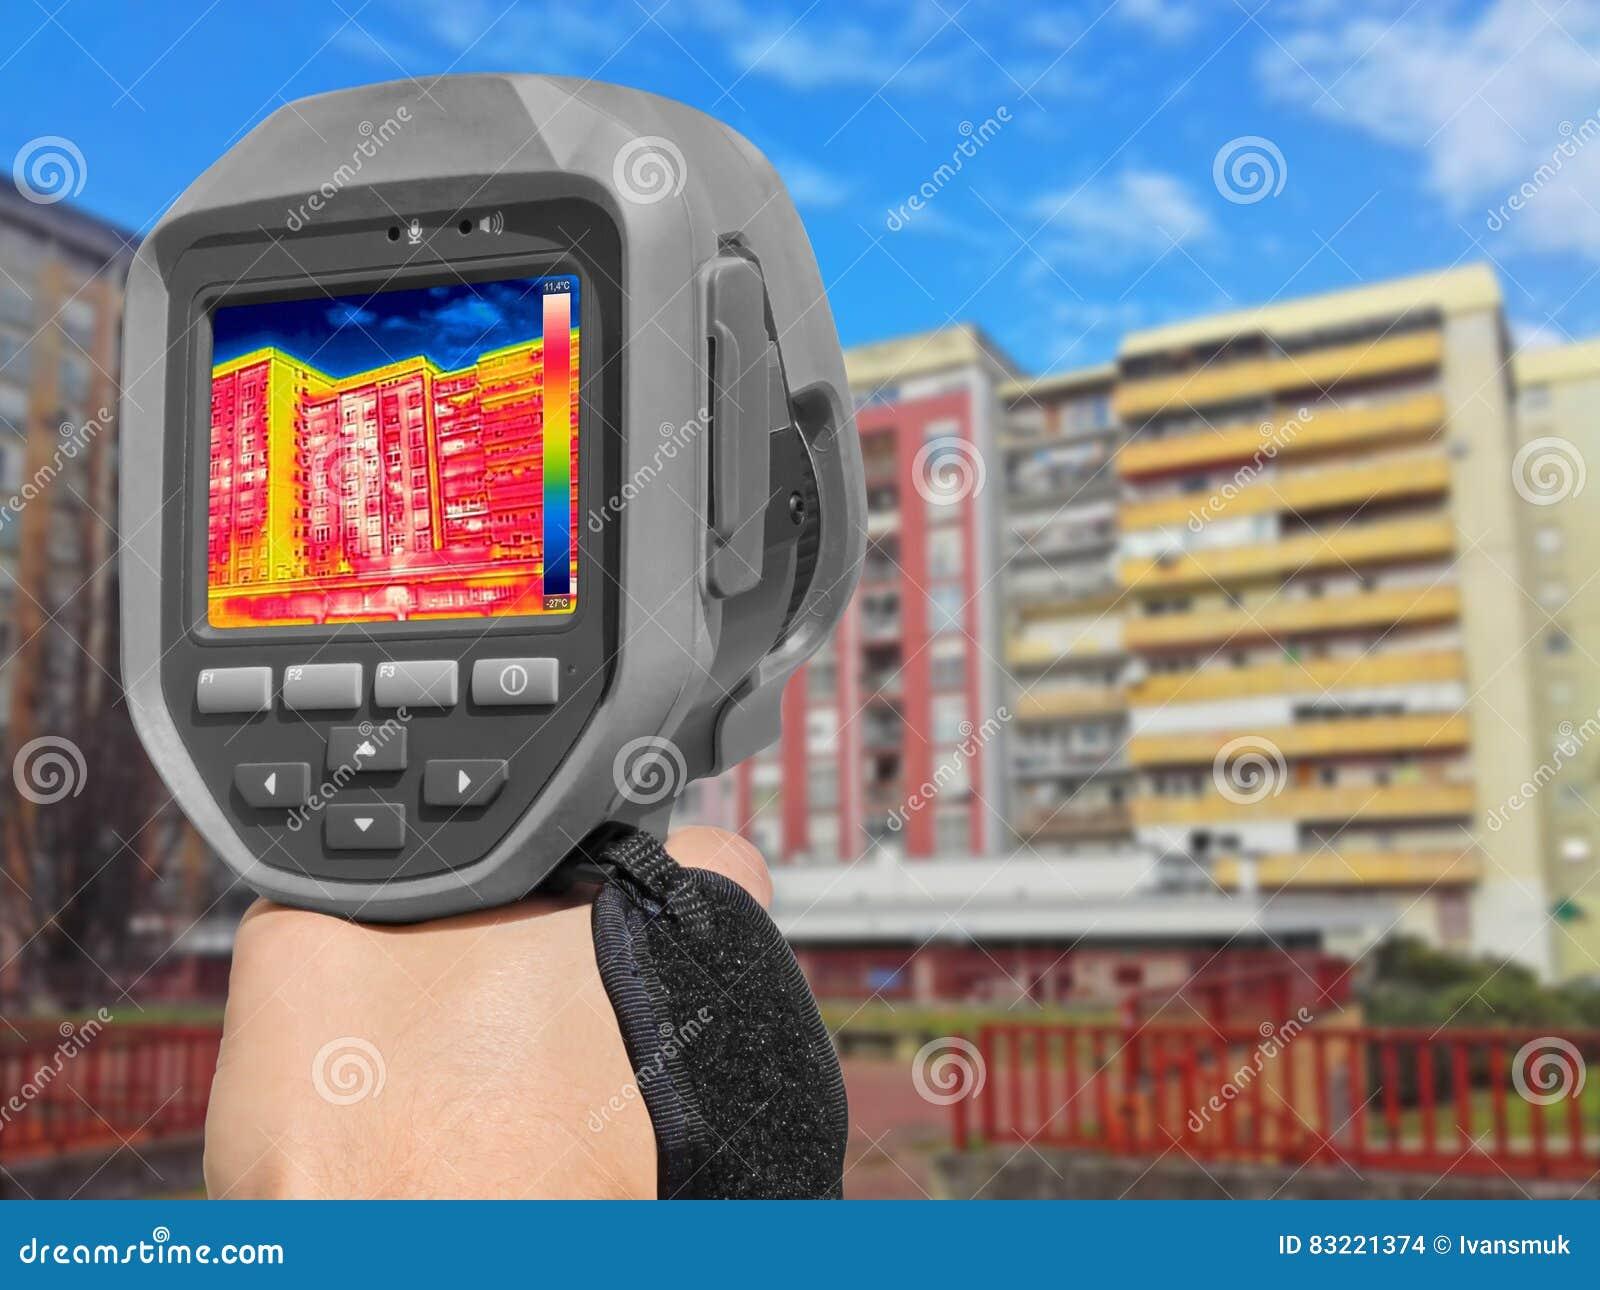 aufnahme-wärmeverlust am wohngebäude stockfoto - bild von hitze